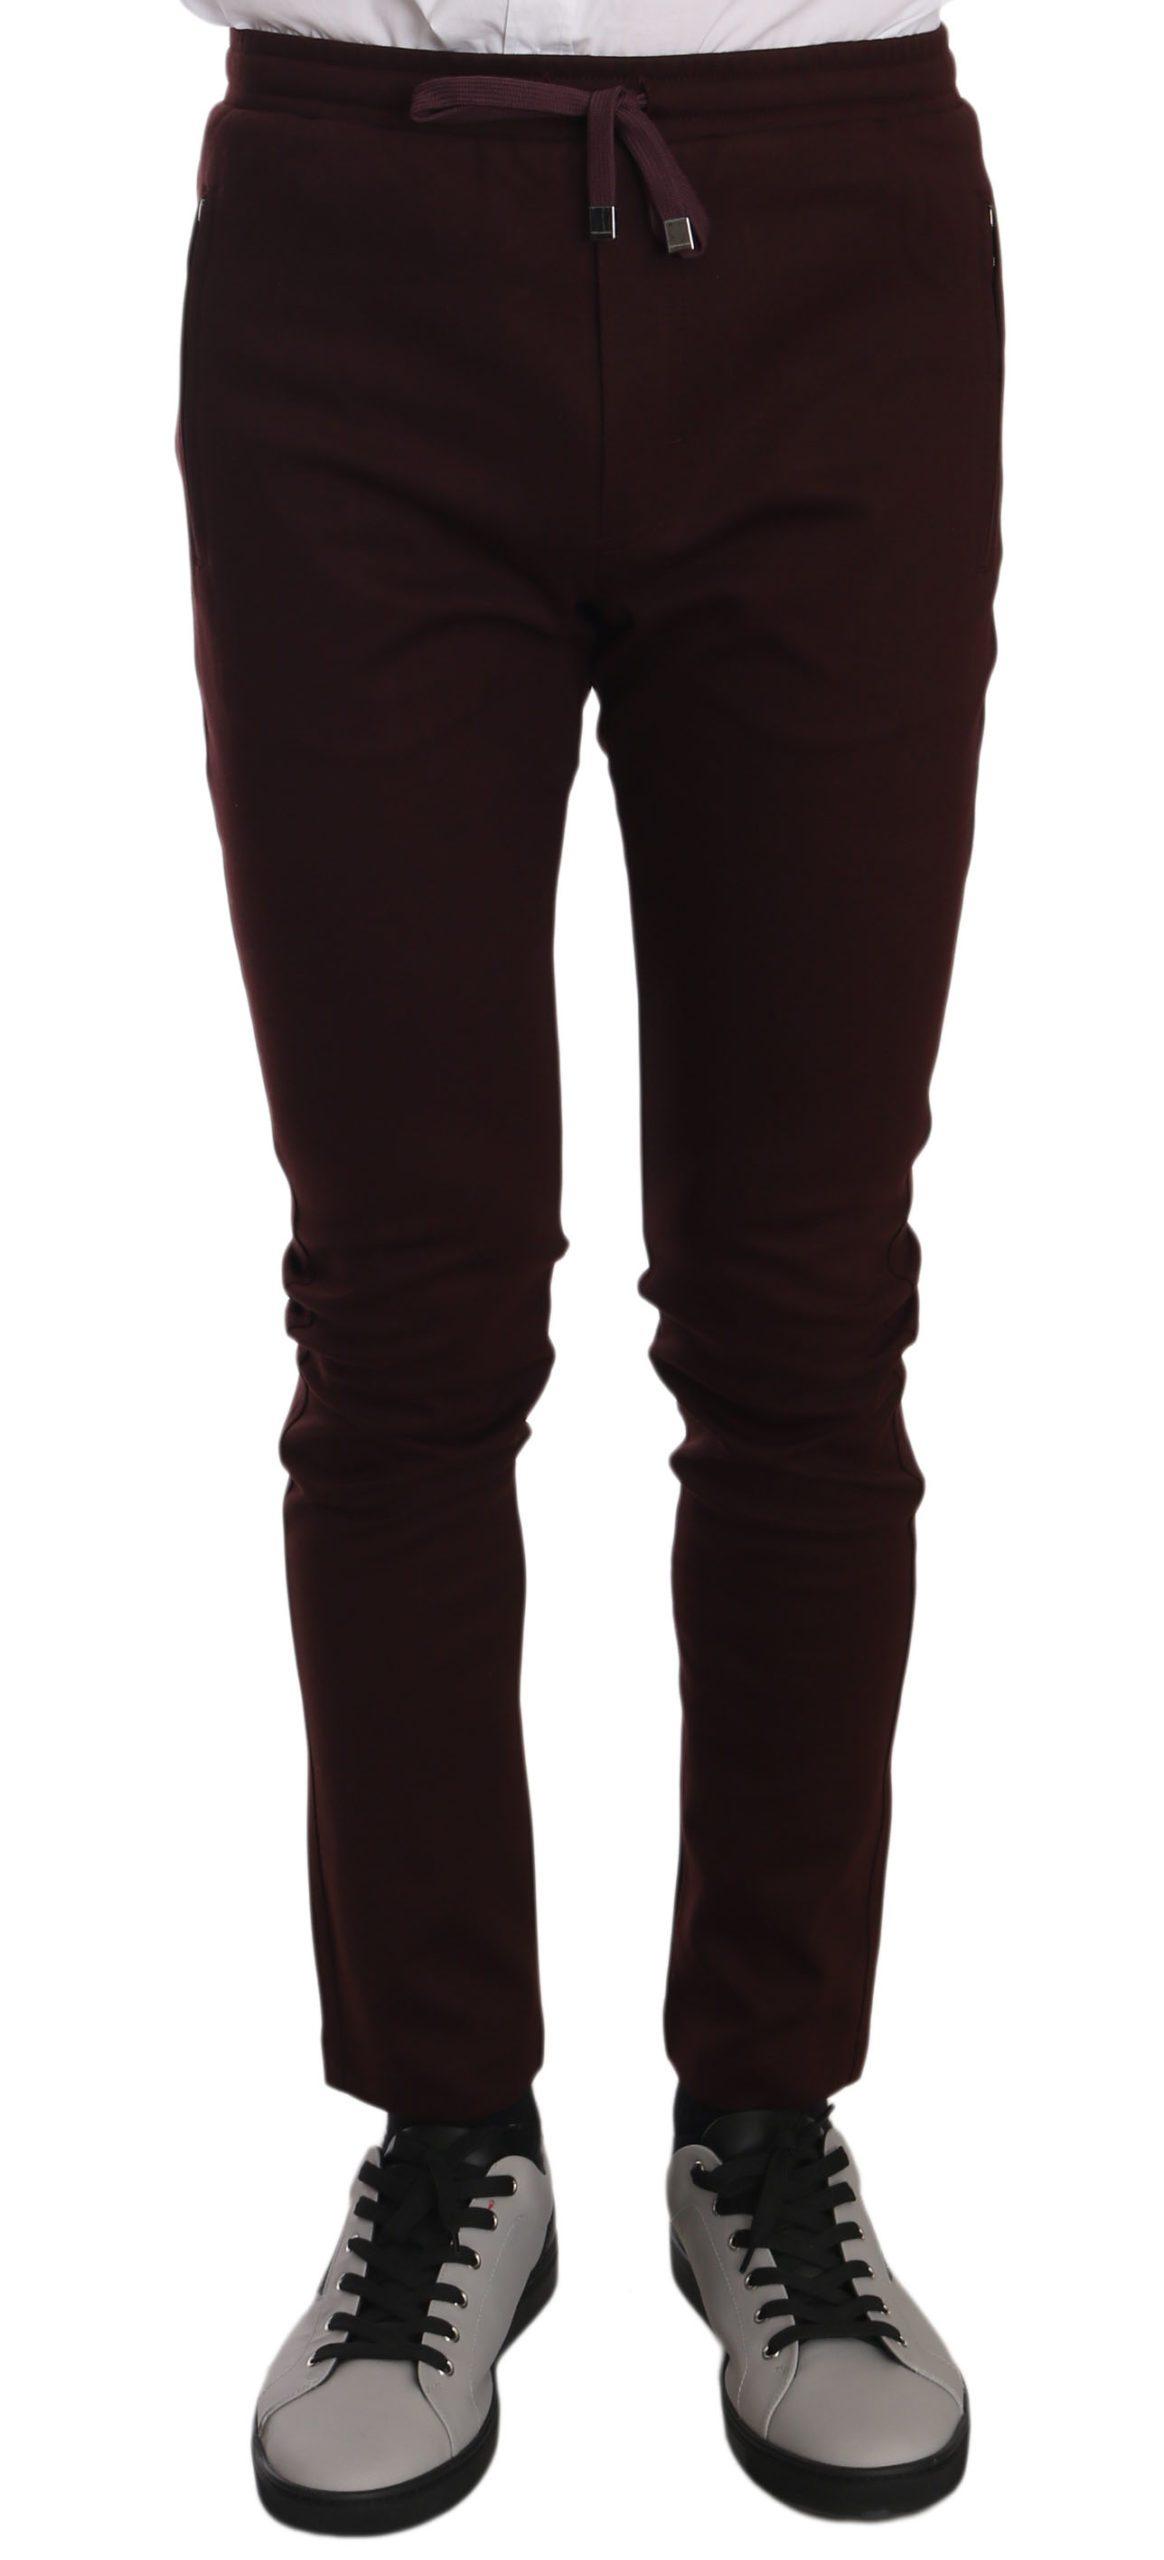 Dolce & Gabbana Men's Cotton Casual Training Trouser Bordeaux PAN61321 - IT46   S